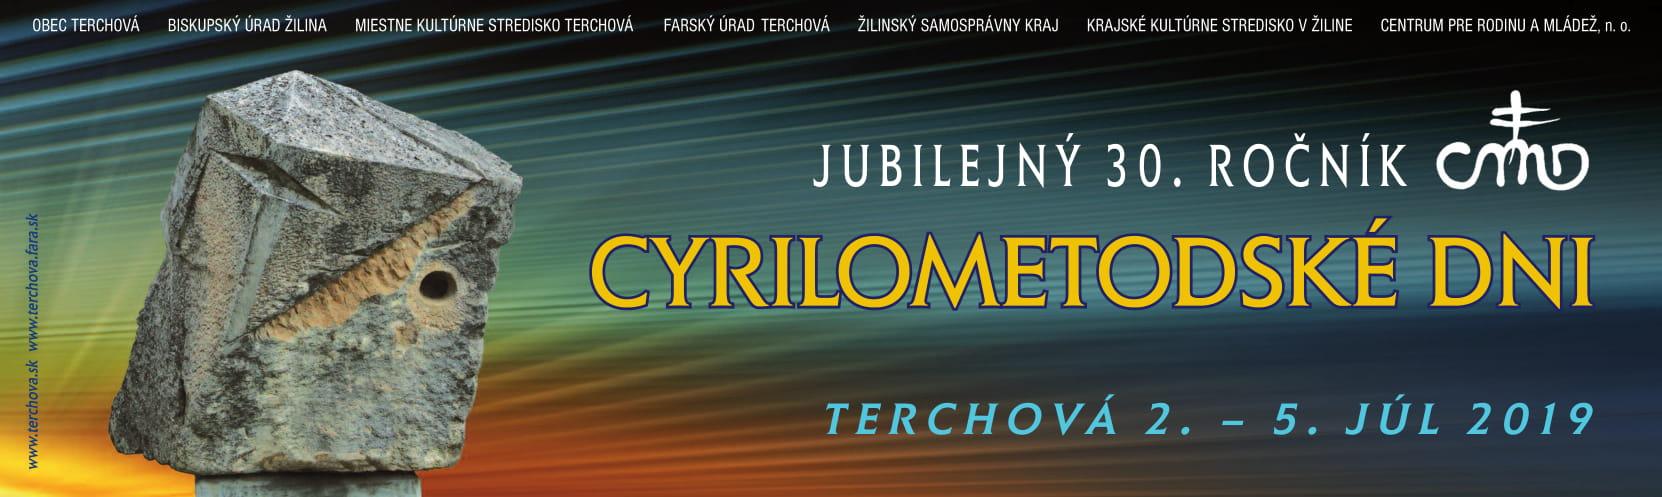 Cyrilometodské dni 2019